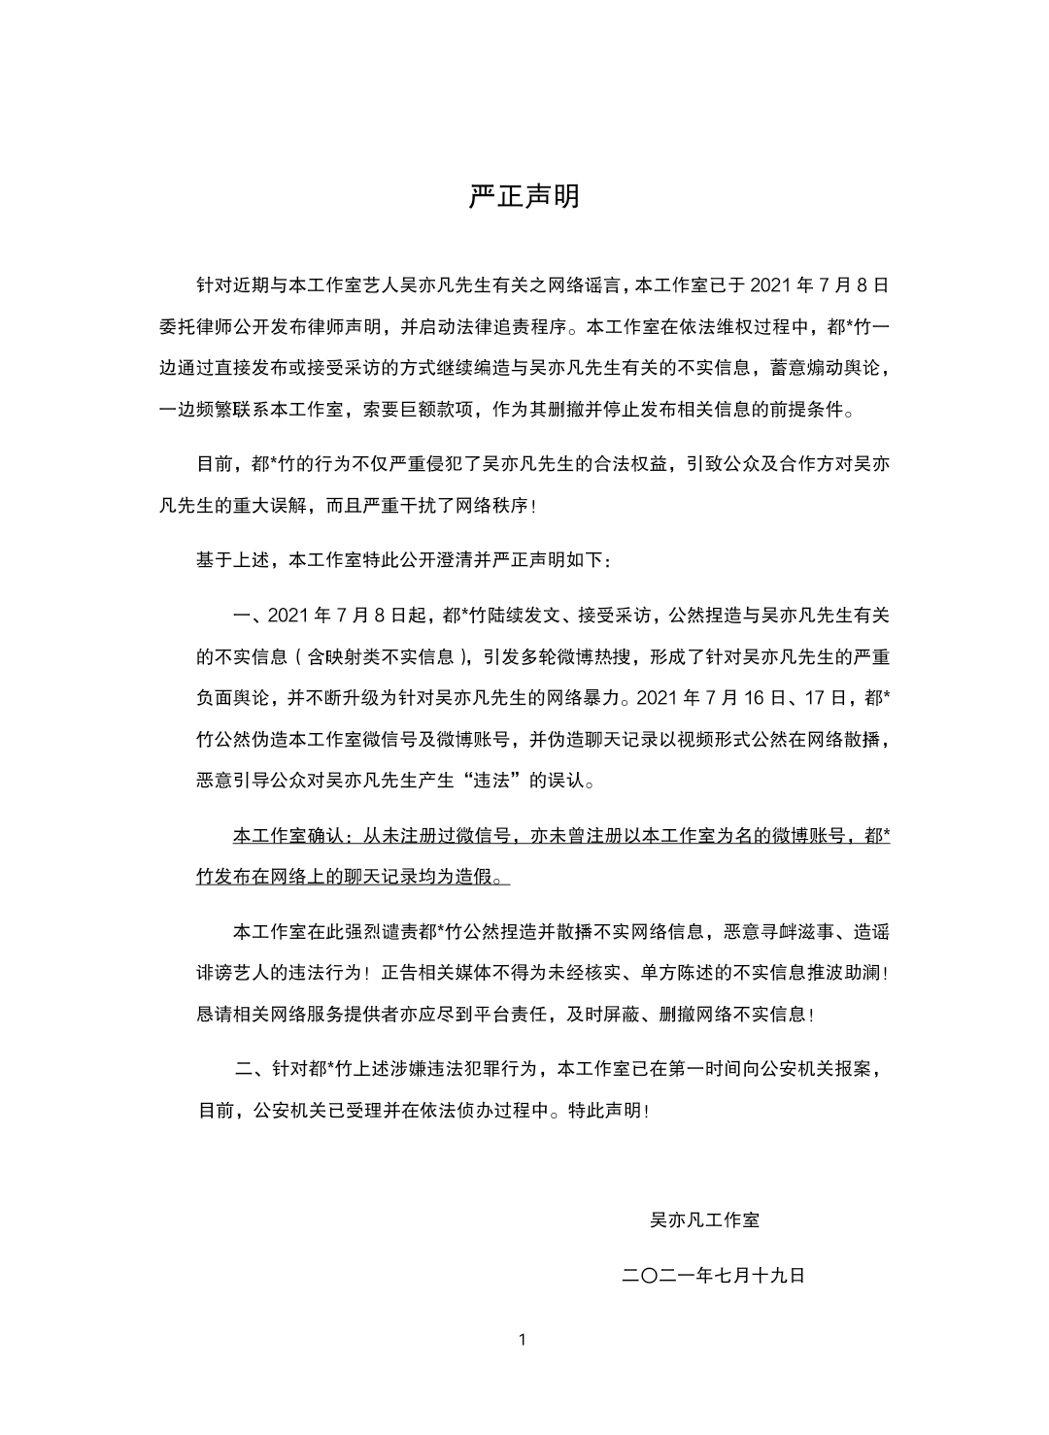 吳亦凡的工作室聲明指出都美竹捏造不實信息。圖/摘自微博